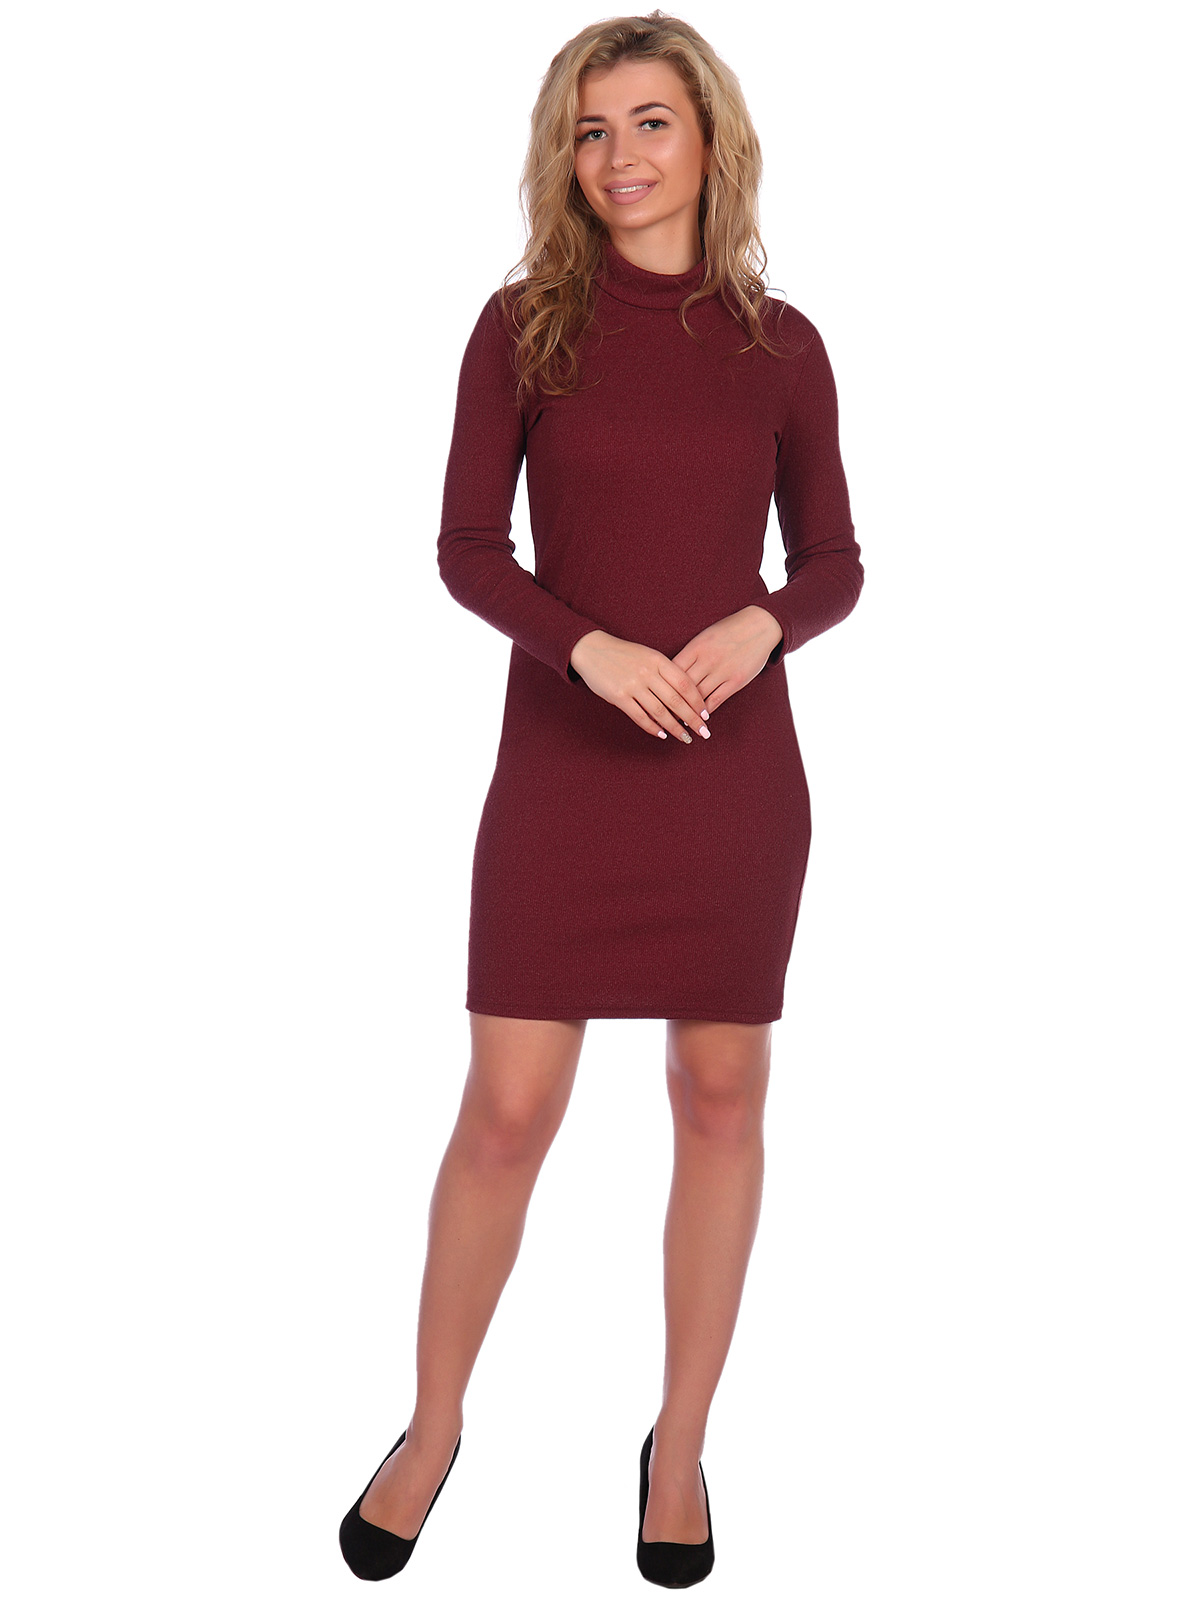 Жен. платье арт. 16-0621 Бордовый р. 46 фото